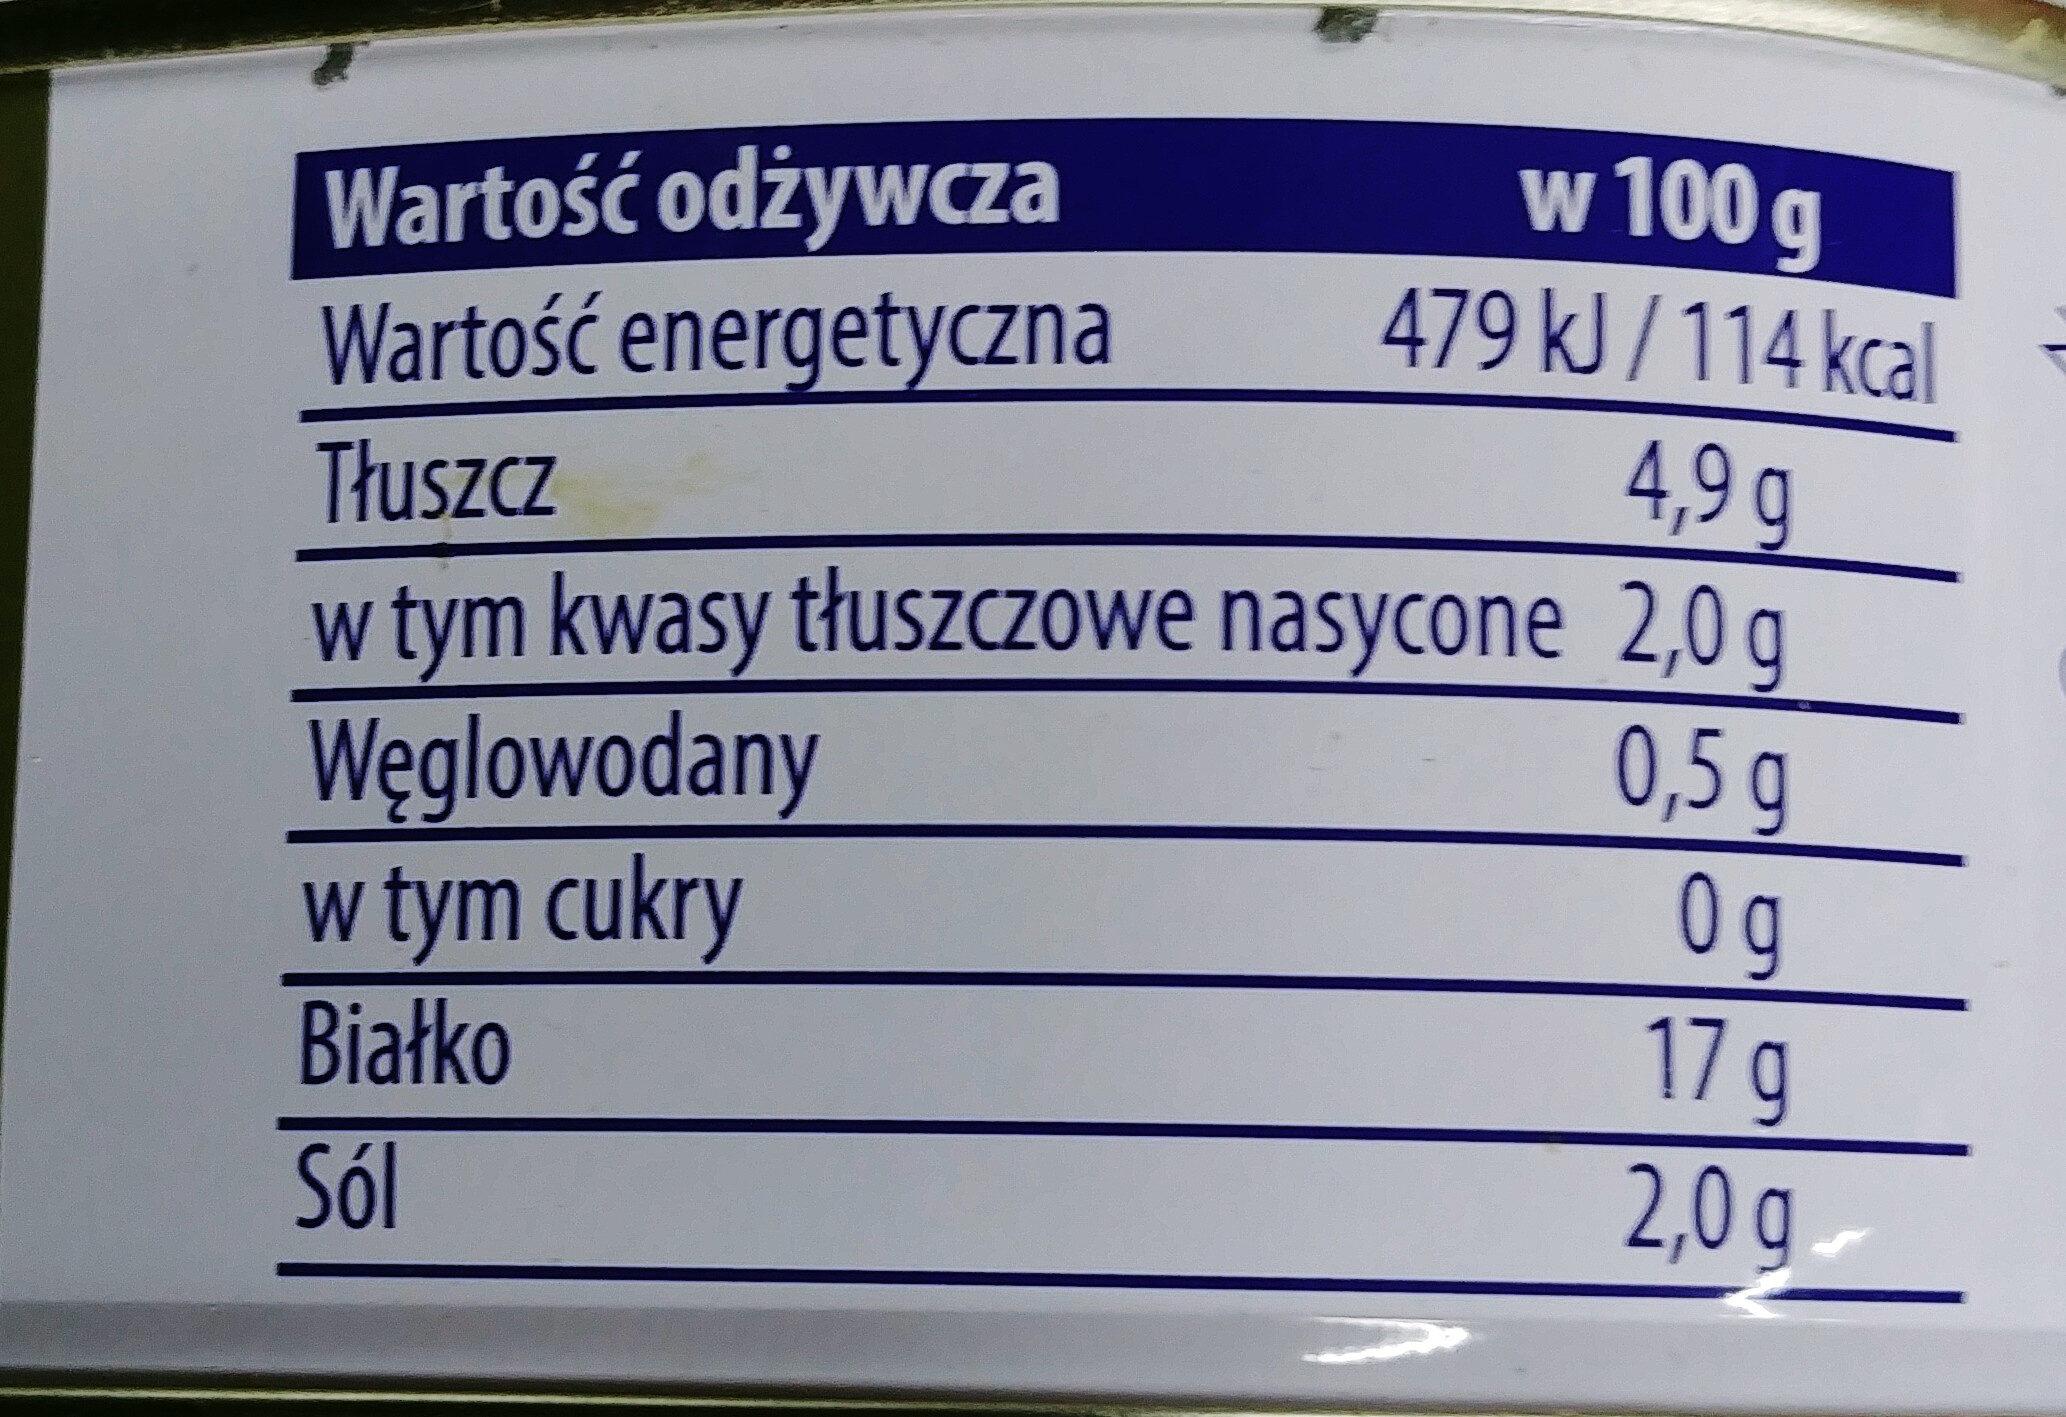 Szynka konserwowa z galaretką - Wartości odżywcze - pl